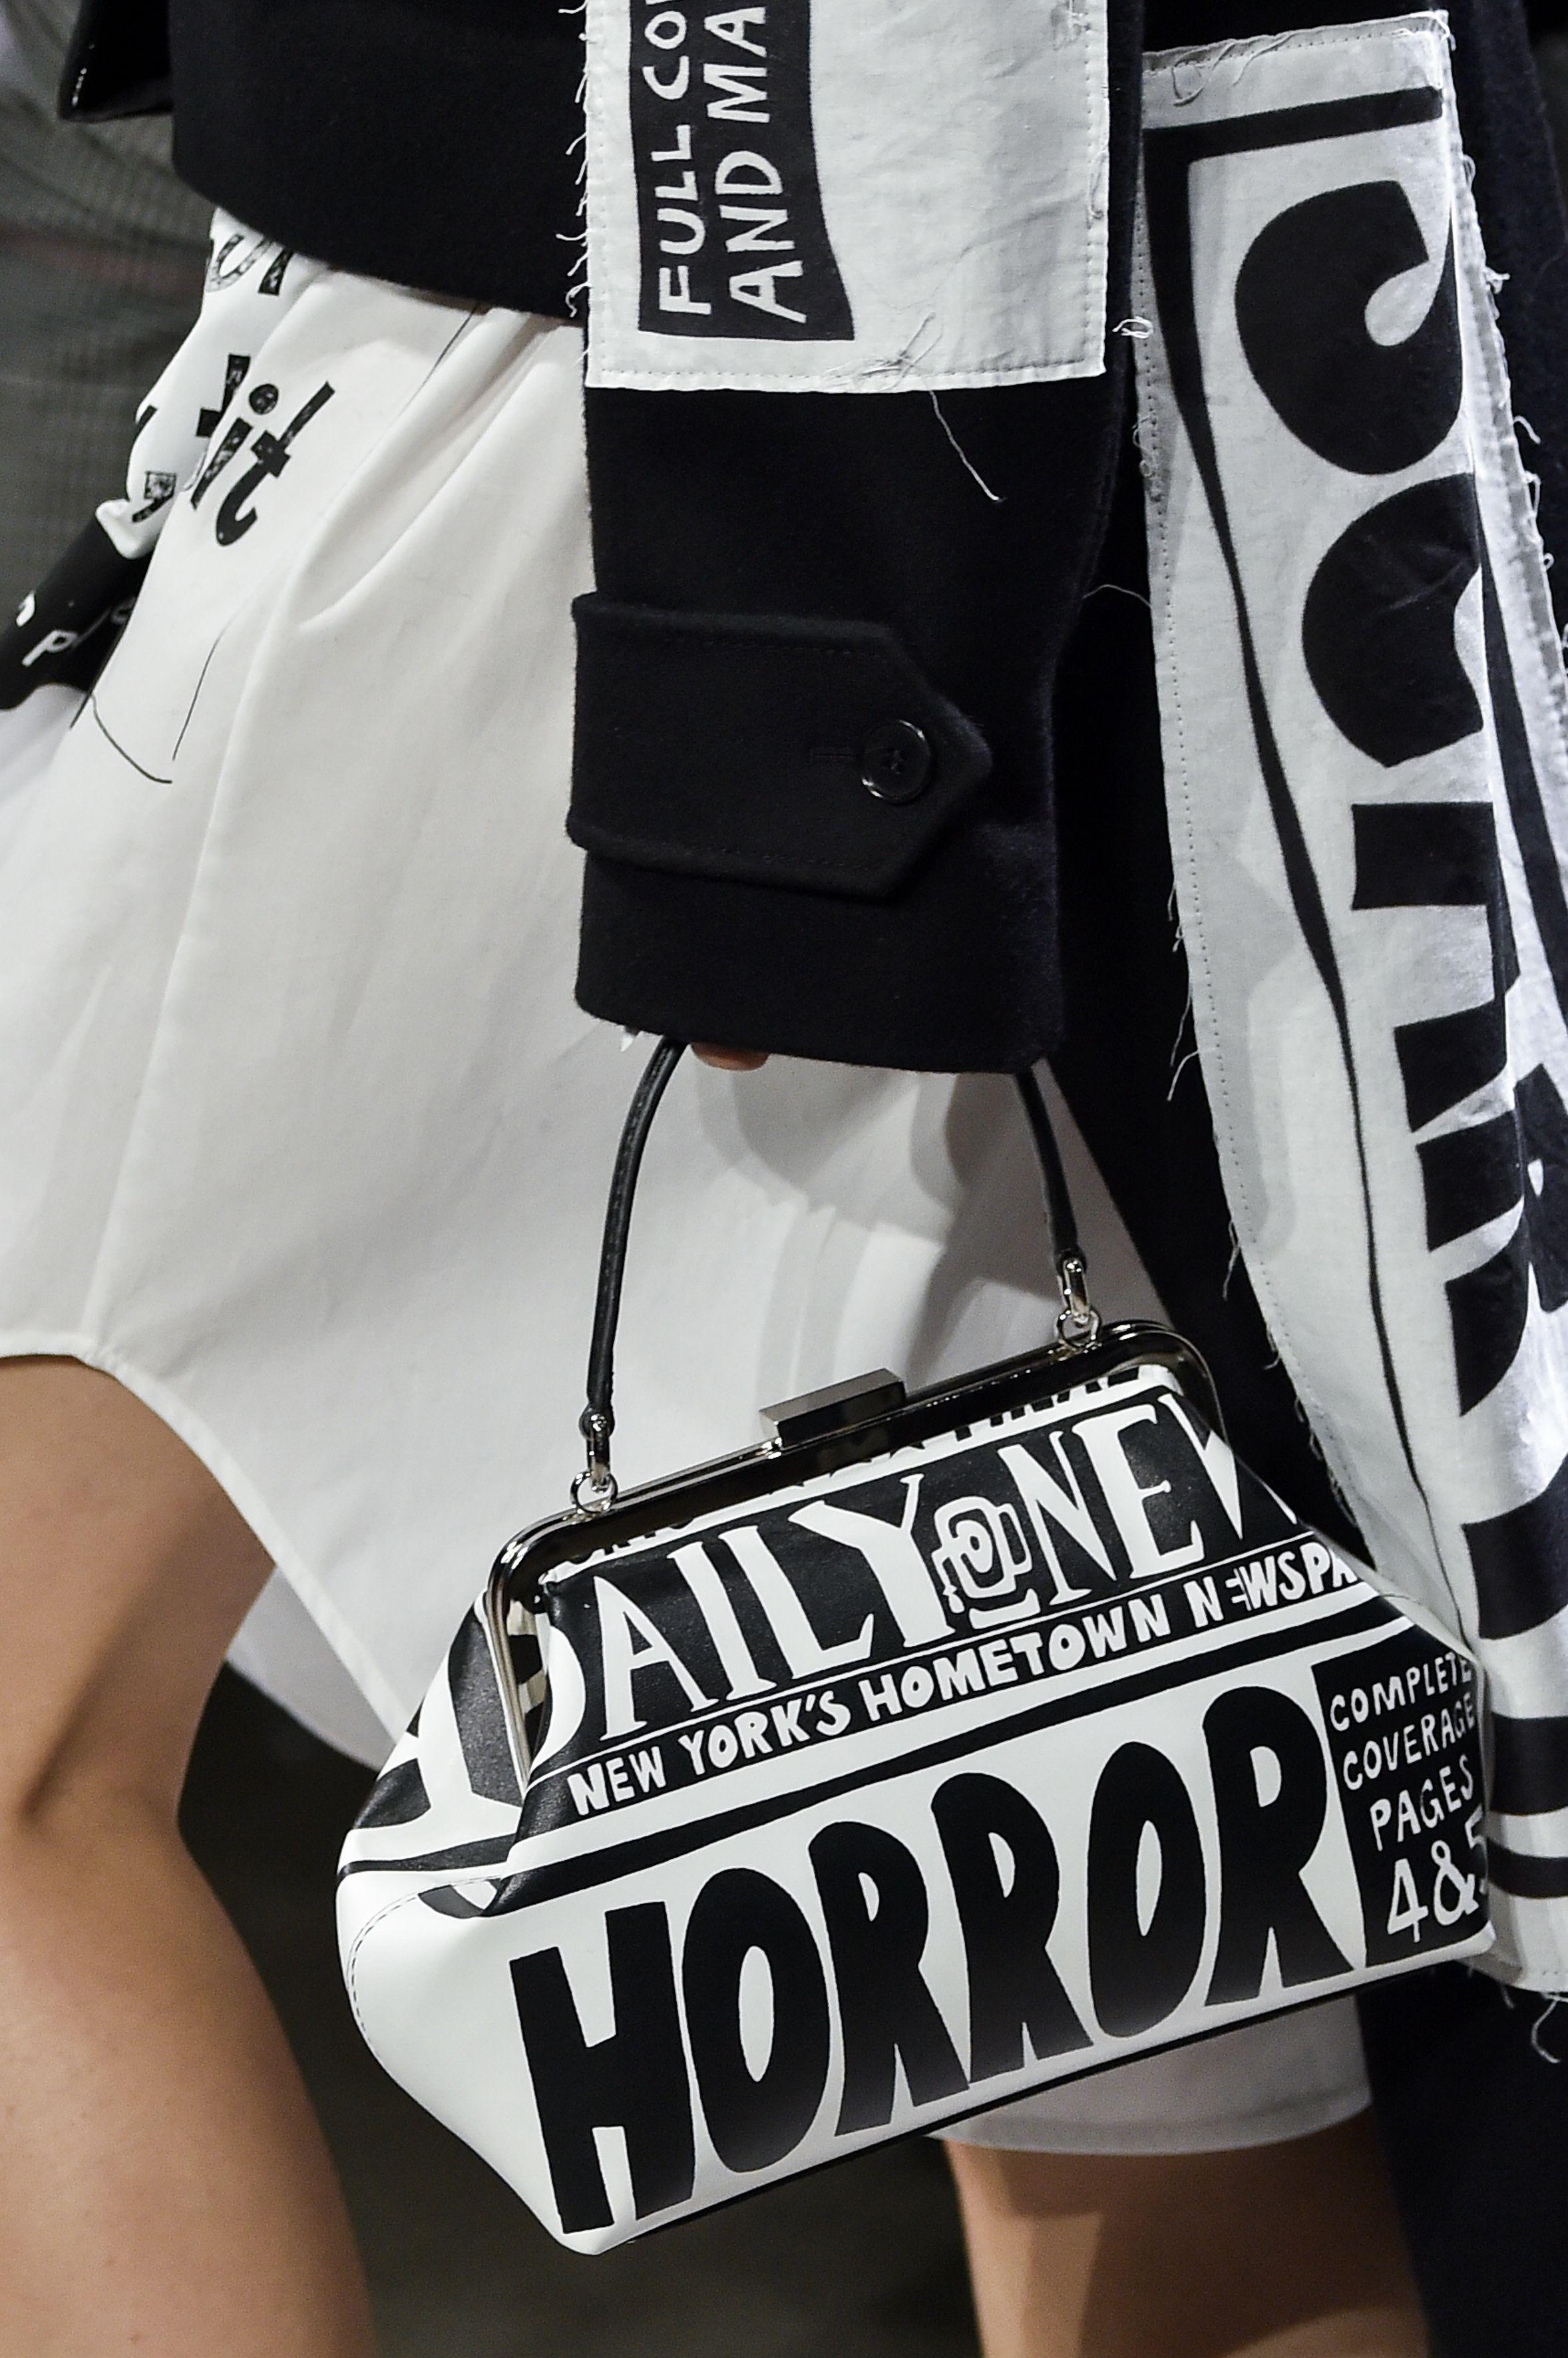 【紐約時裝週】醜聞?犯罪率?逃家少女?解讀 Jeremy Scott 衣服上的《紐約郵報》「頭條」文字!